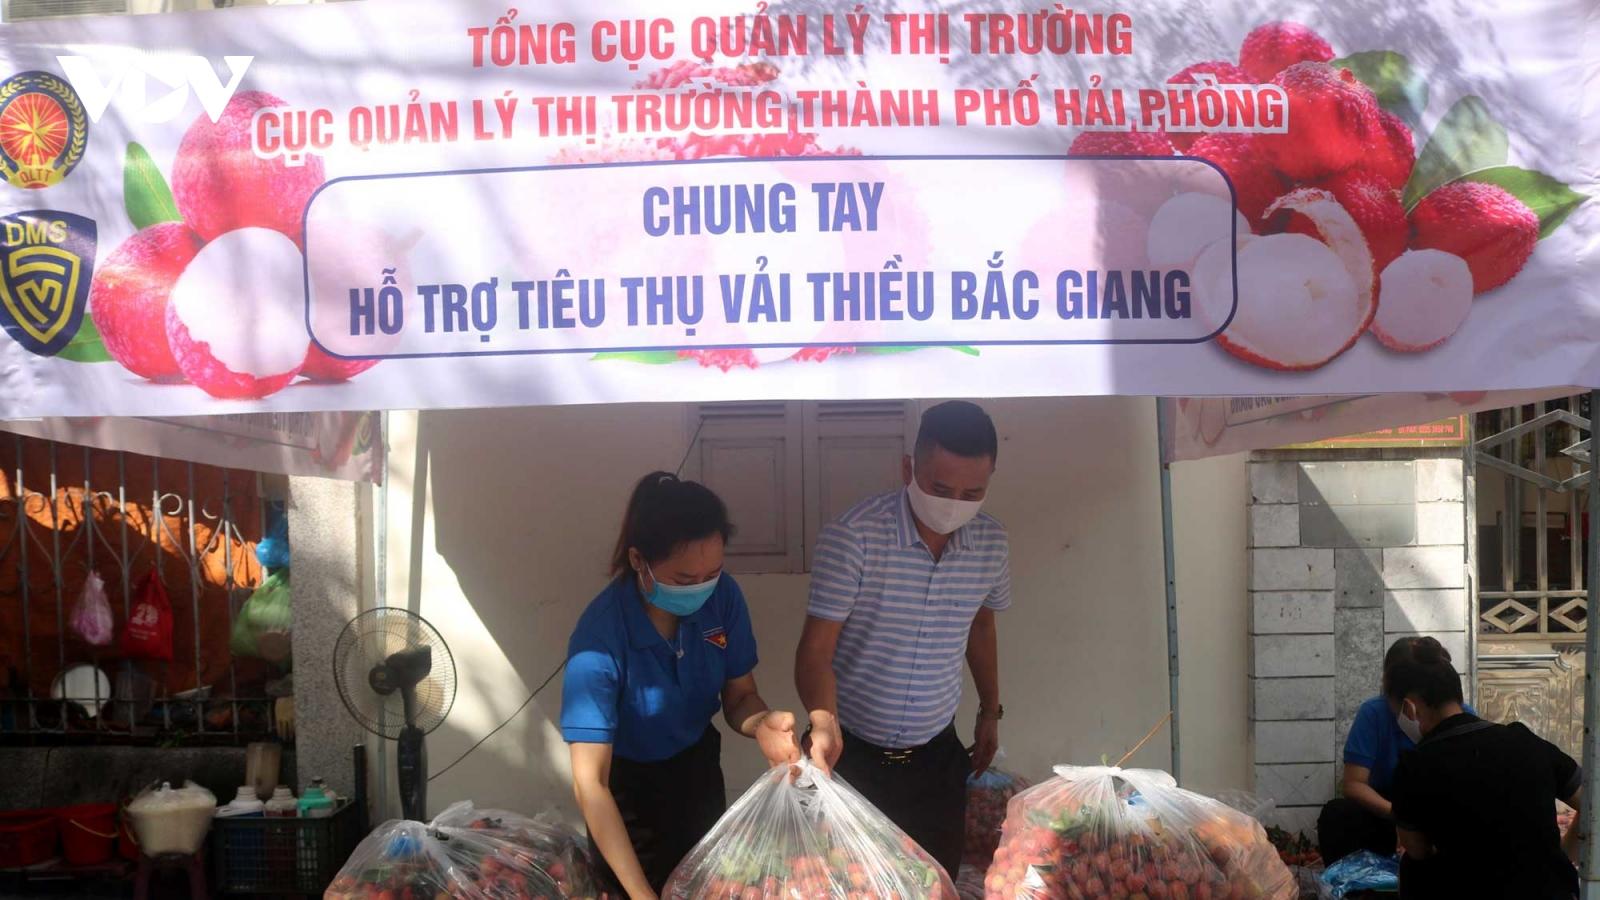 Hải Phòng tiêu thụ 50 tấn vải thiều hỗ trợ nông dân tỉnh Bắc Giang